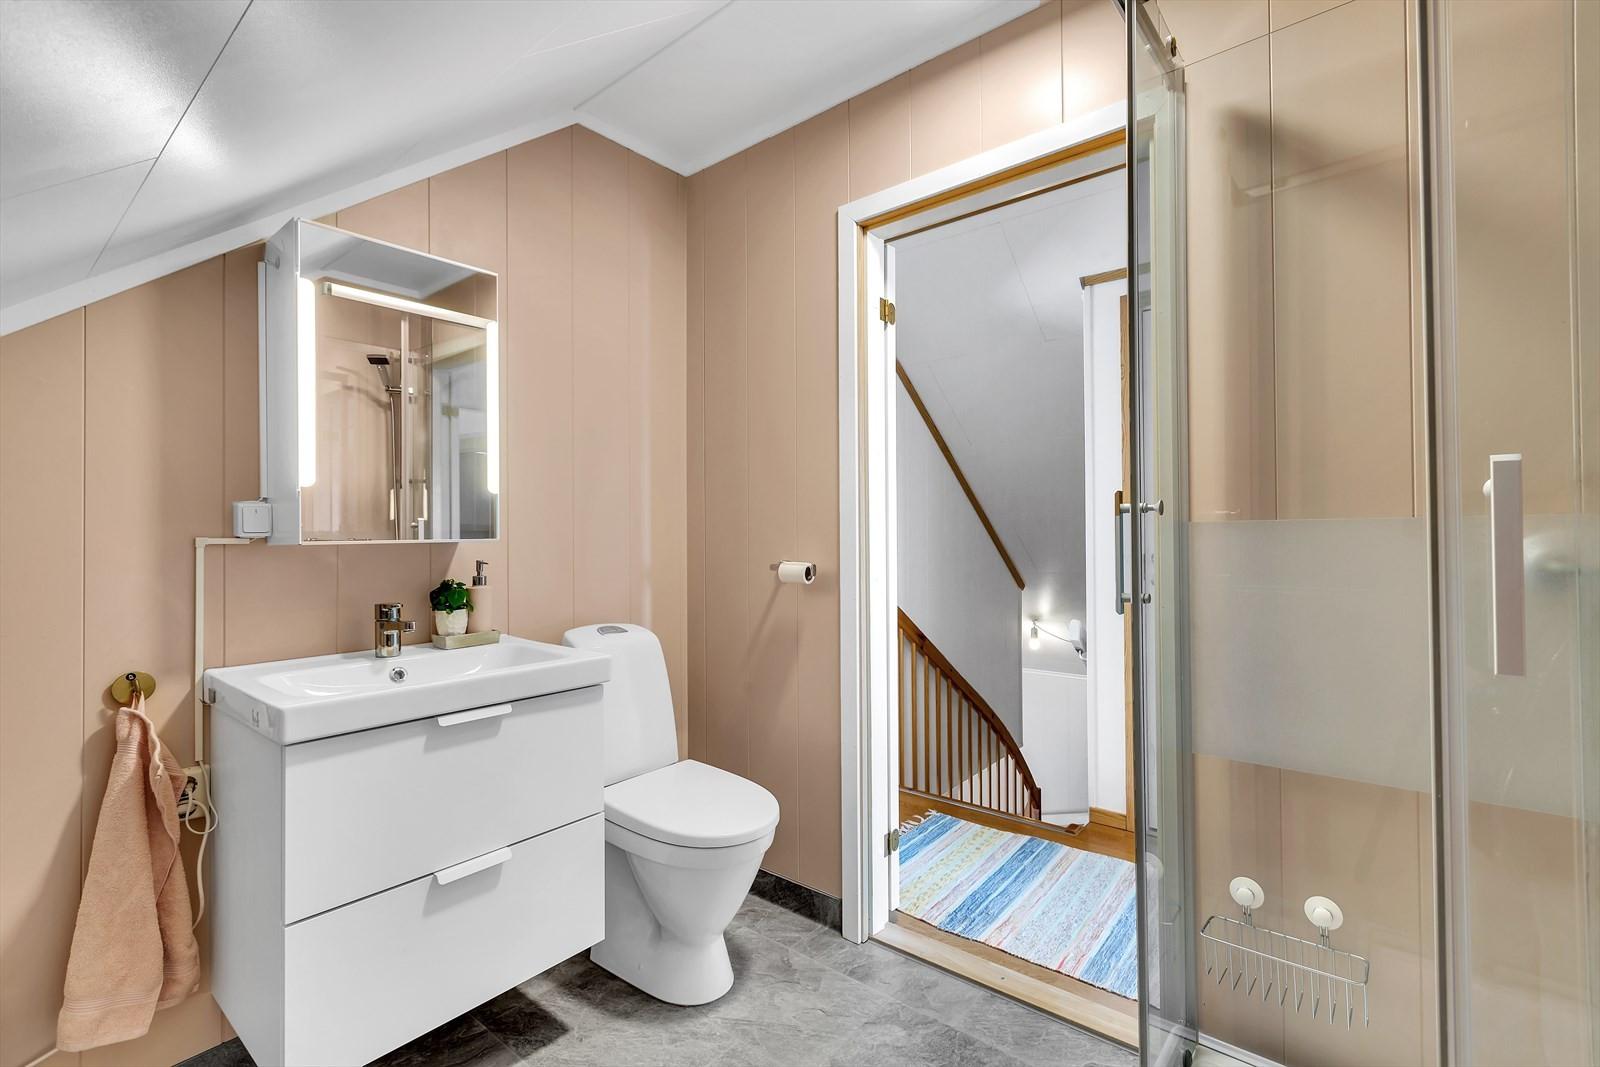 Badrom med toalett og dusj i 2. etasje.